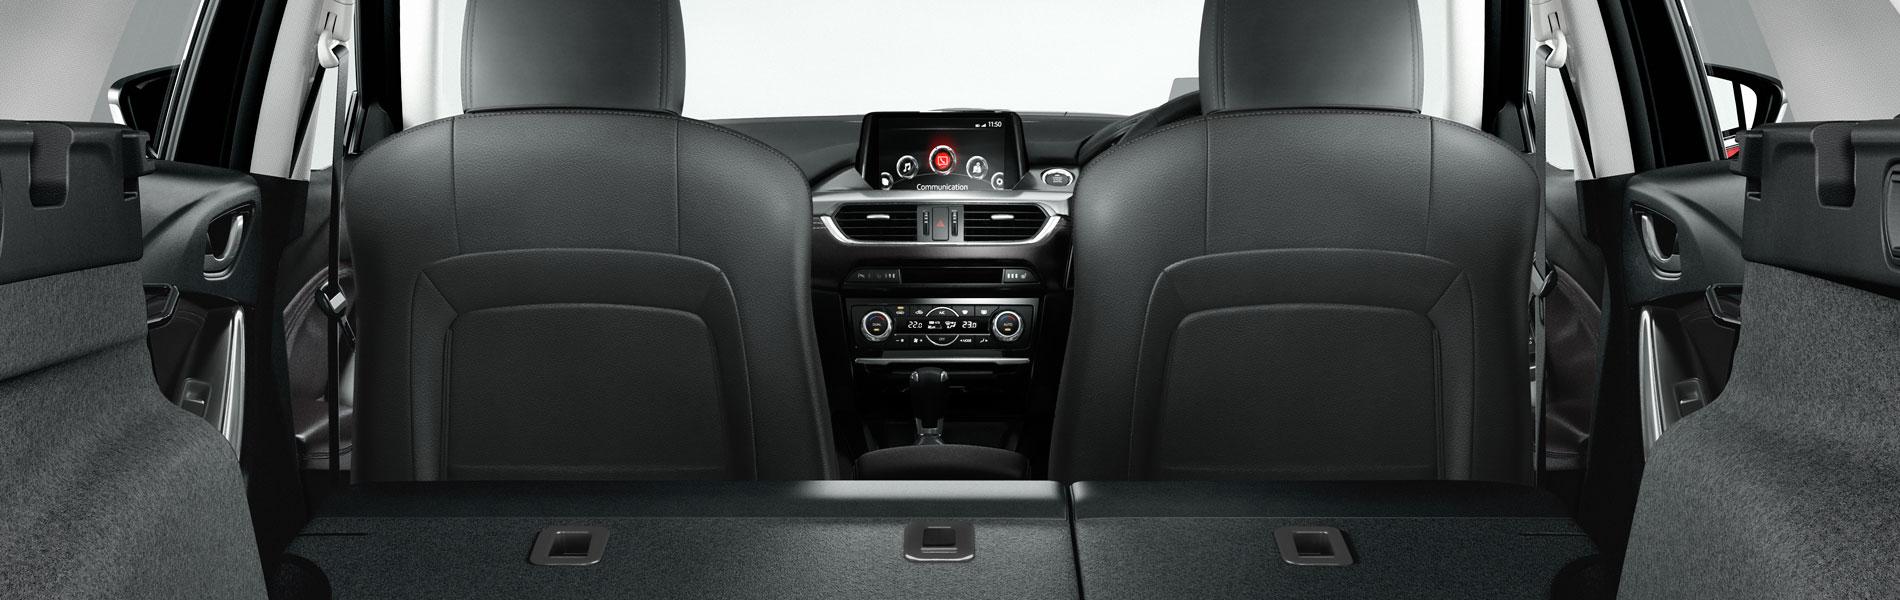 Mazda Mazda6 Image 6